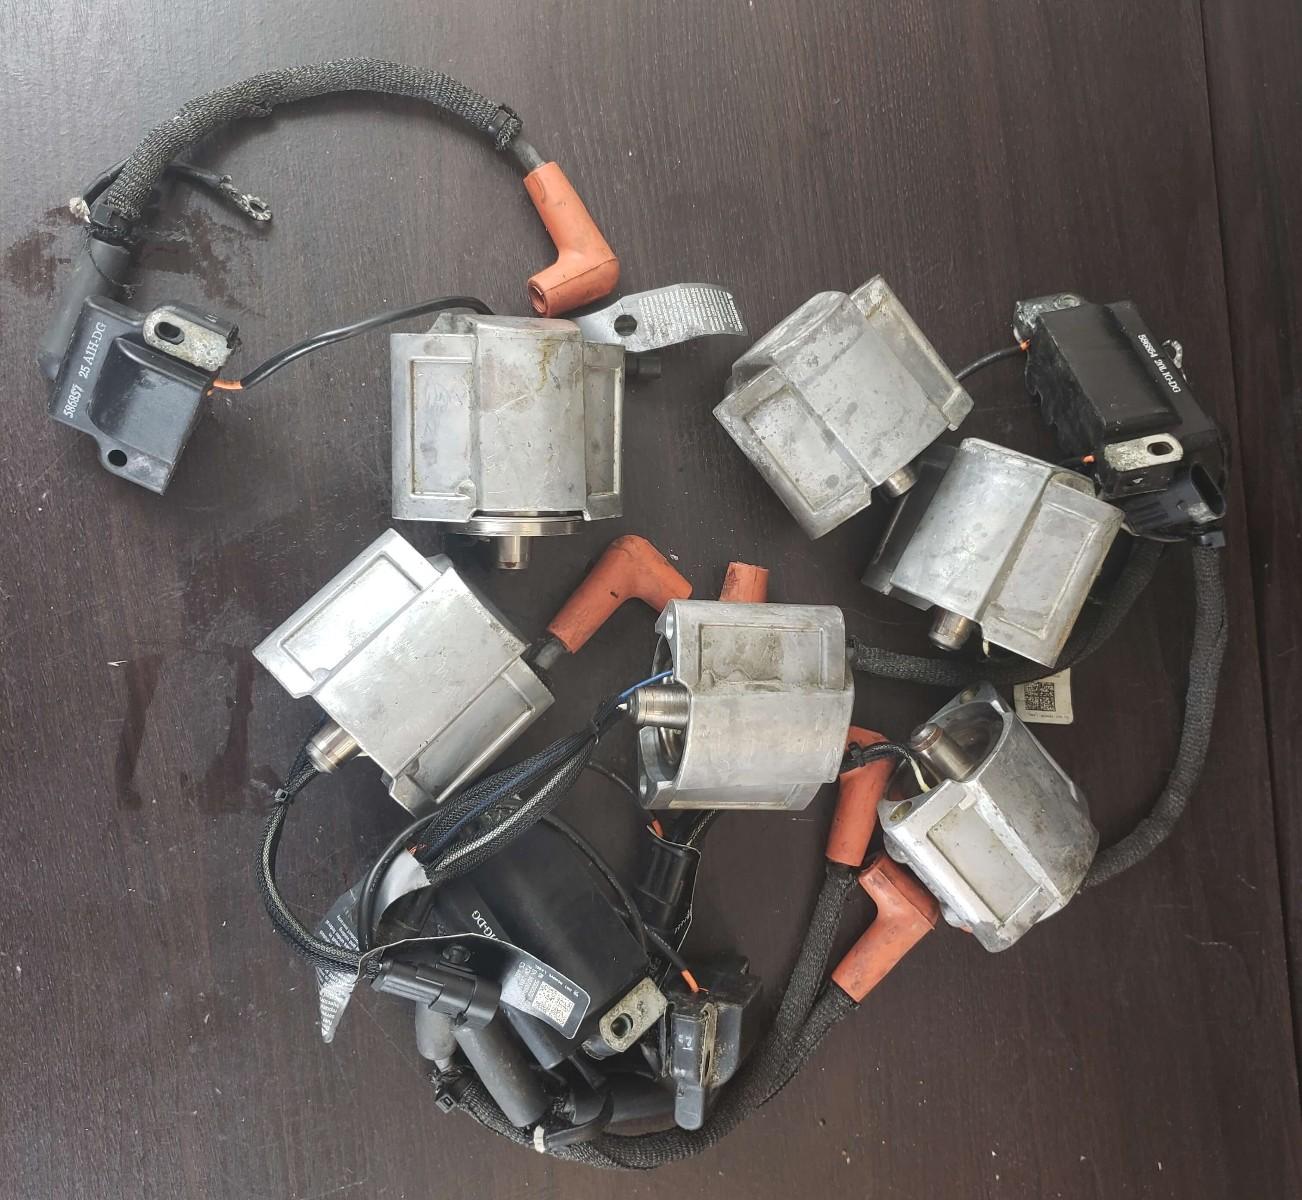 5007764 5007765 586982 Evinrude 2008-2009 EMM W/ 6 Injectors 300 HP V6